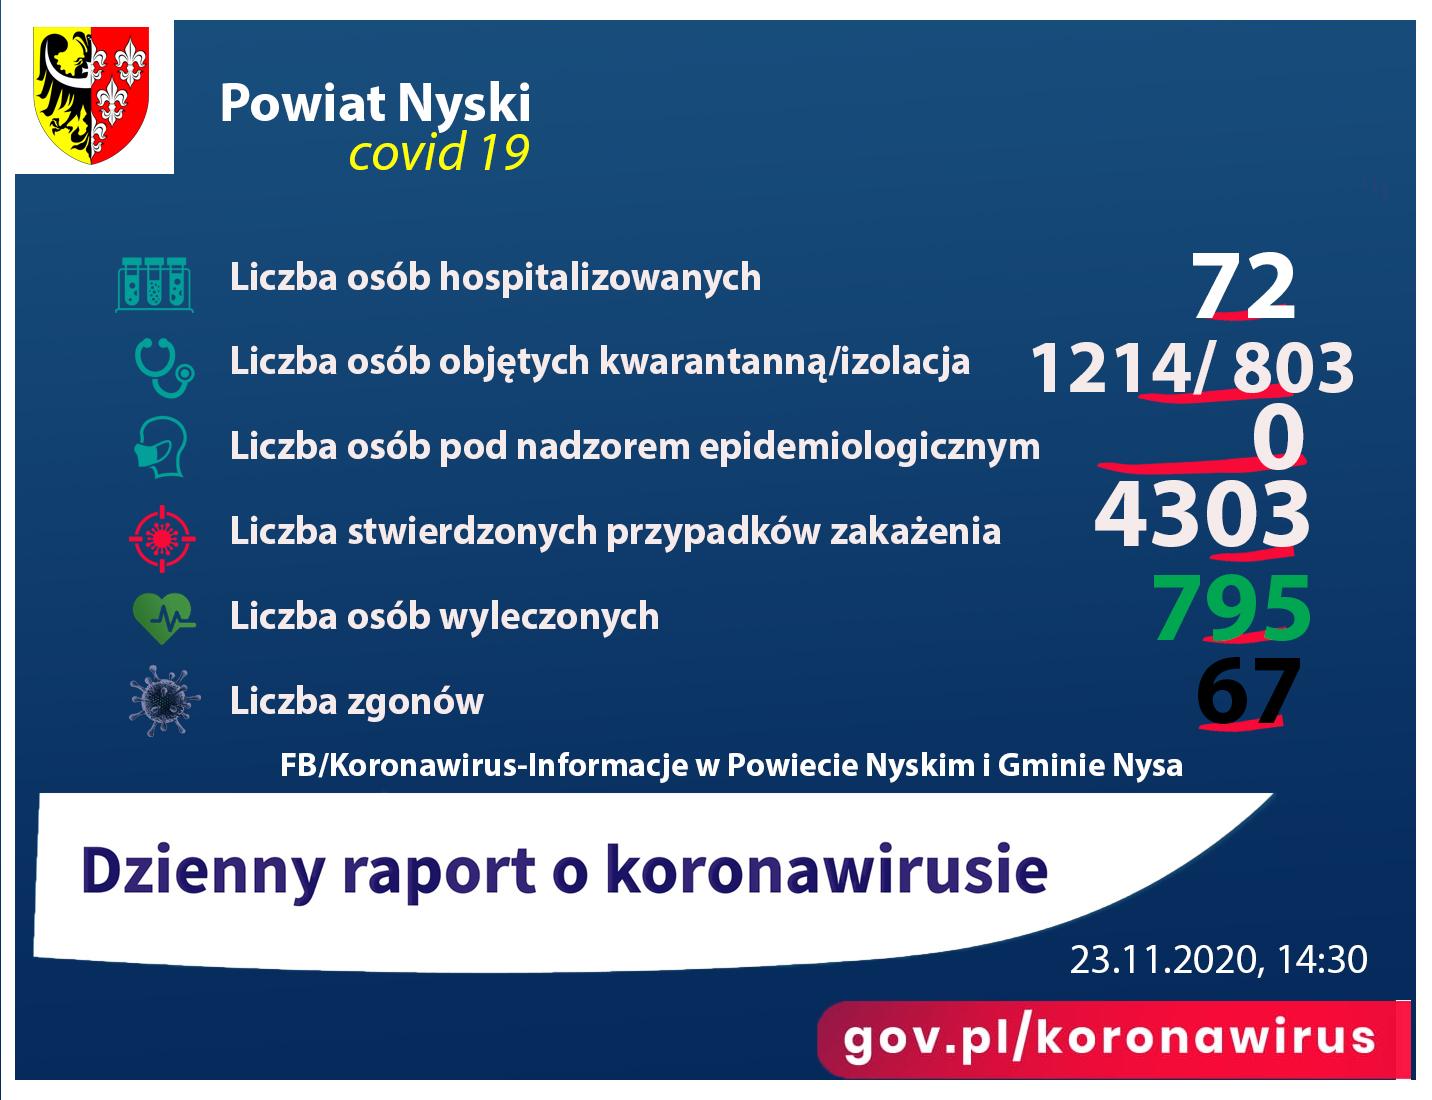 Liczba osób zakażonych 4303, hospitalizowanych - 72, ozdrowieńców - 795, zgonów 67